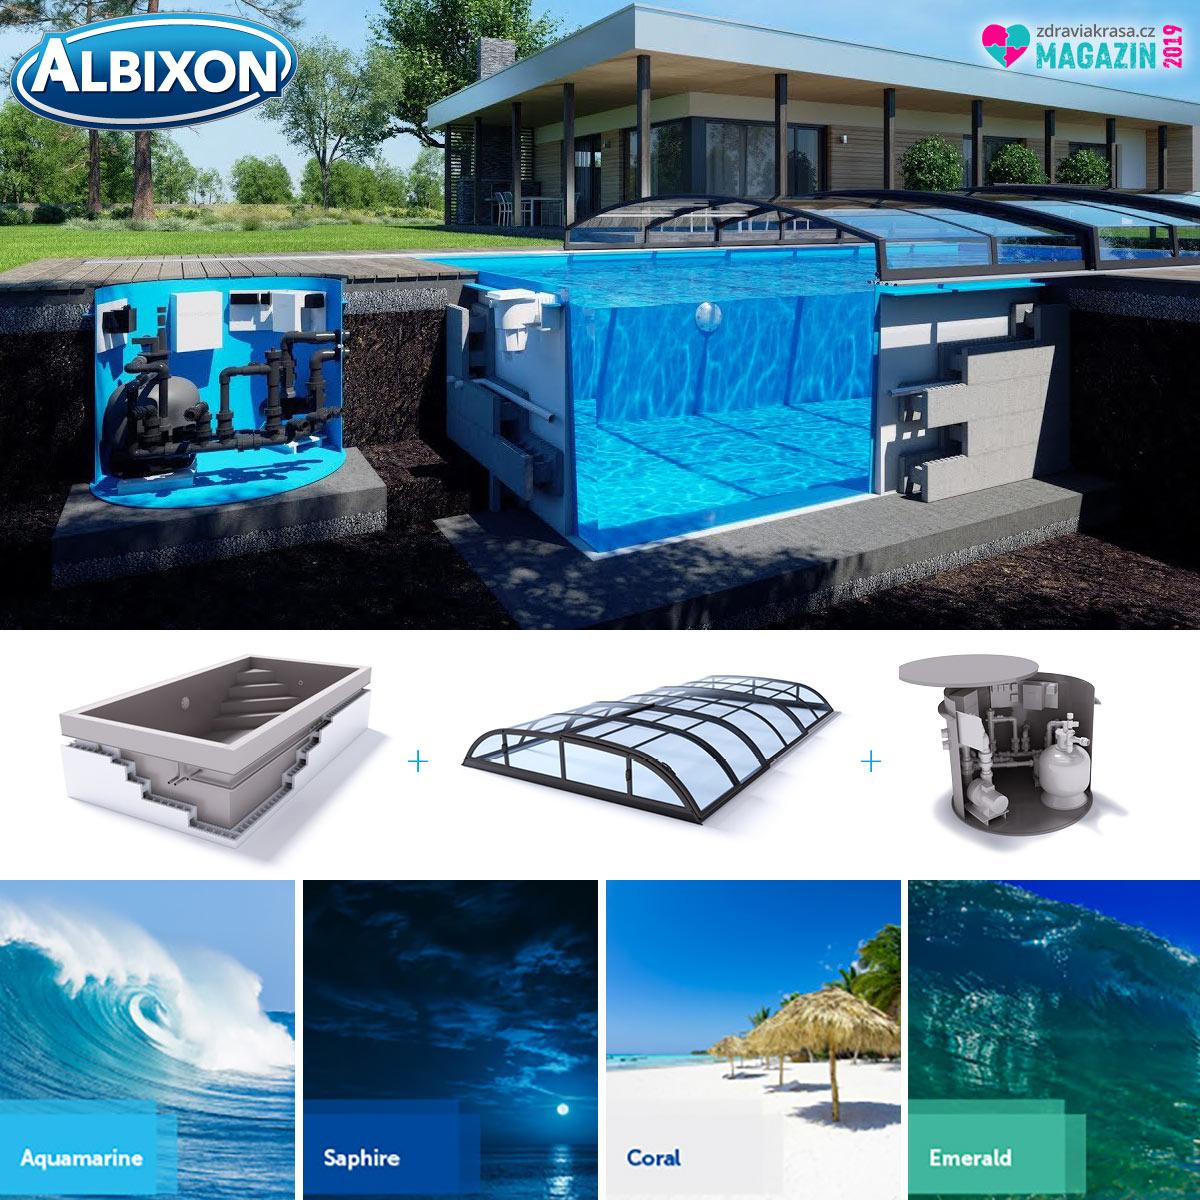 Dodavatelem kvalitních zapuštěných bazénů s kompletním vybavením i zastřešením je Albixon.